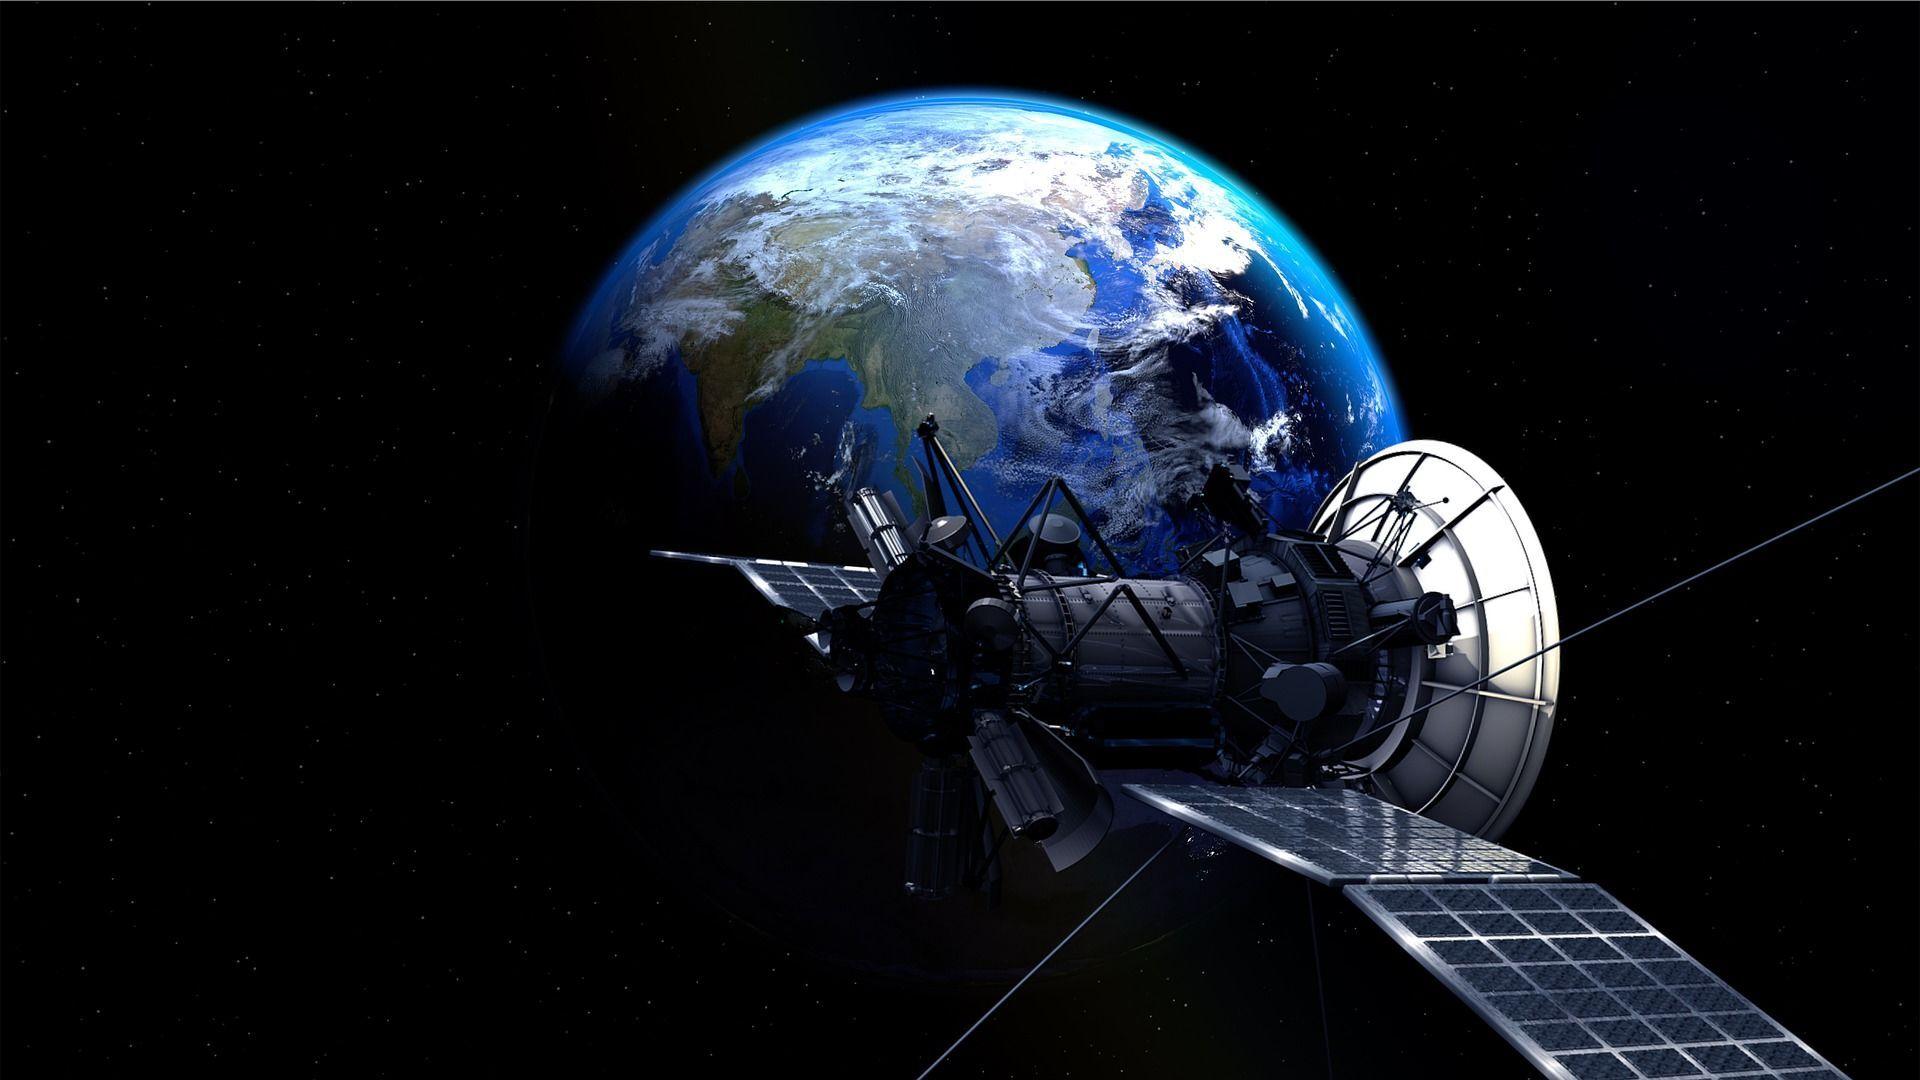 Un satélite en el espacio (imagen referencial) - Sputnik Mundo, 1920, 14.10.2021